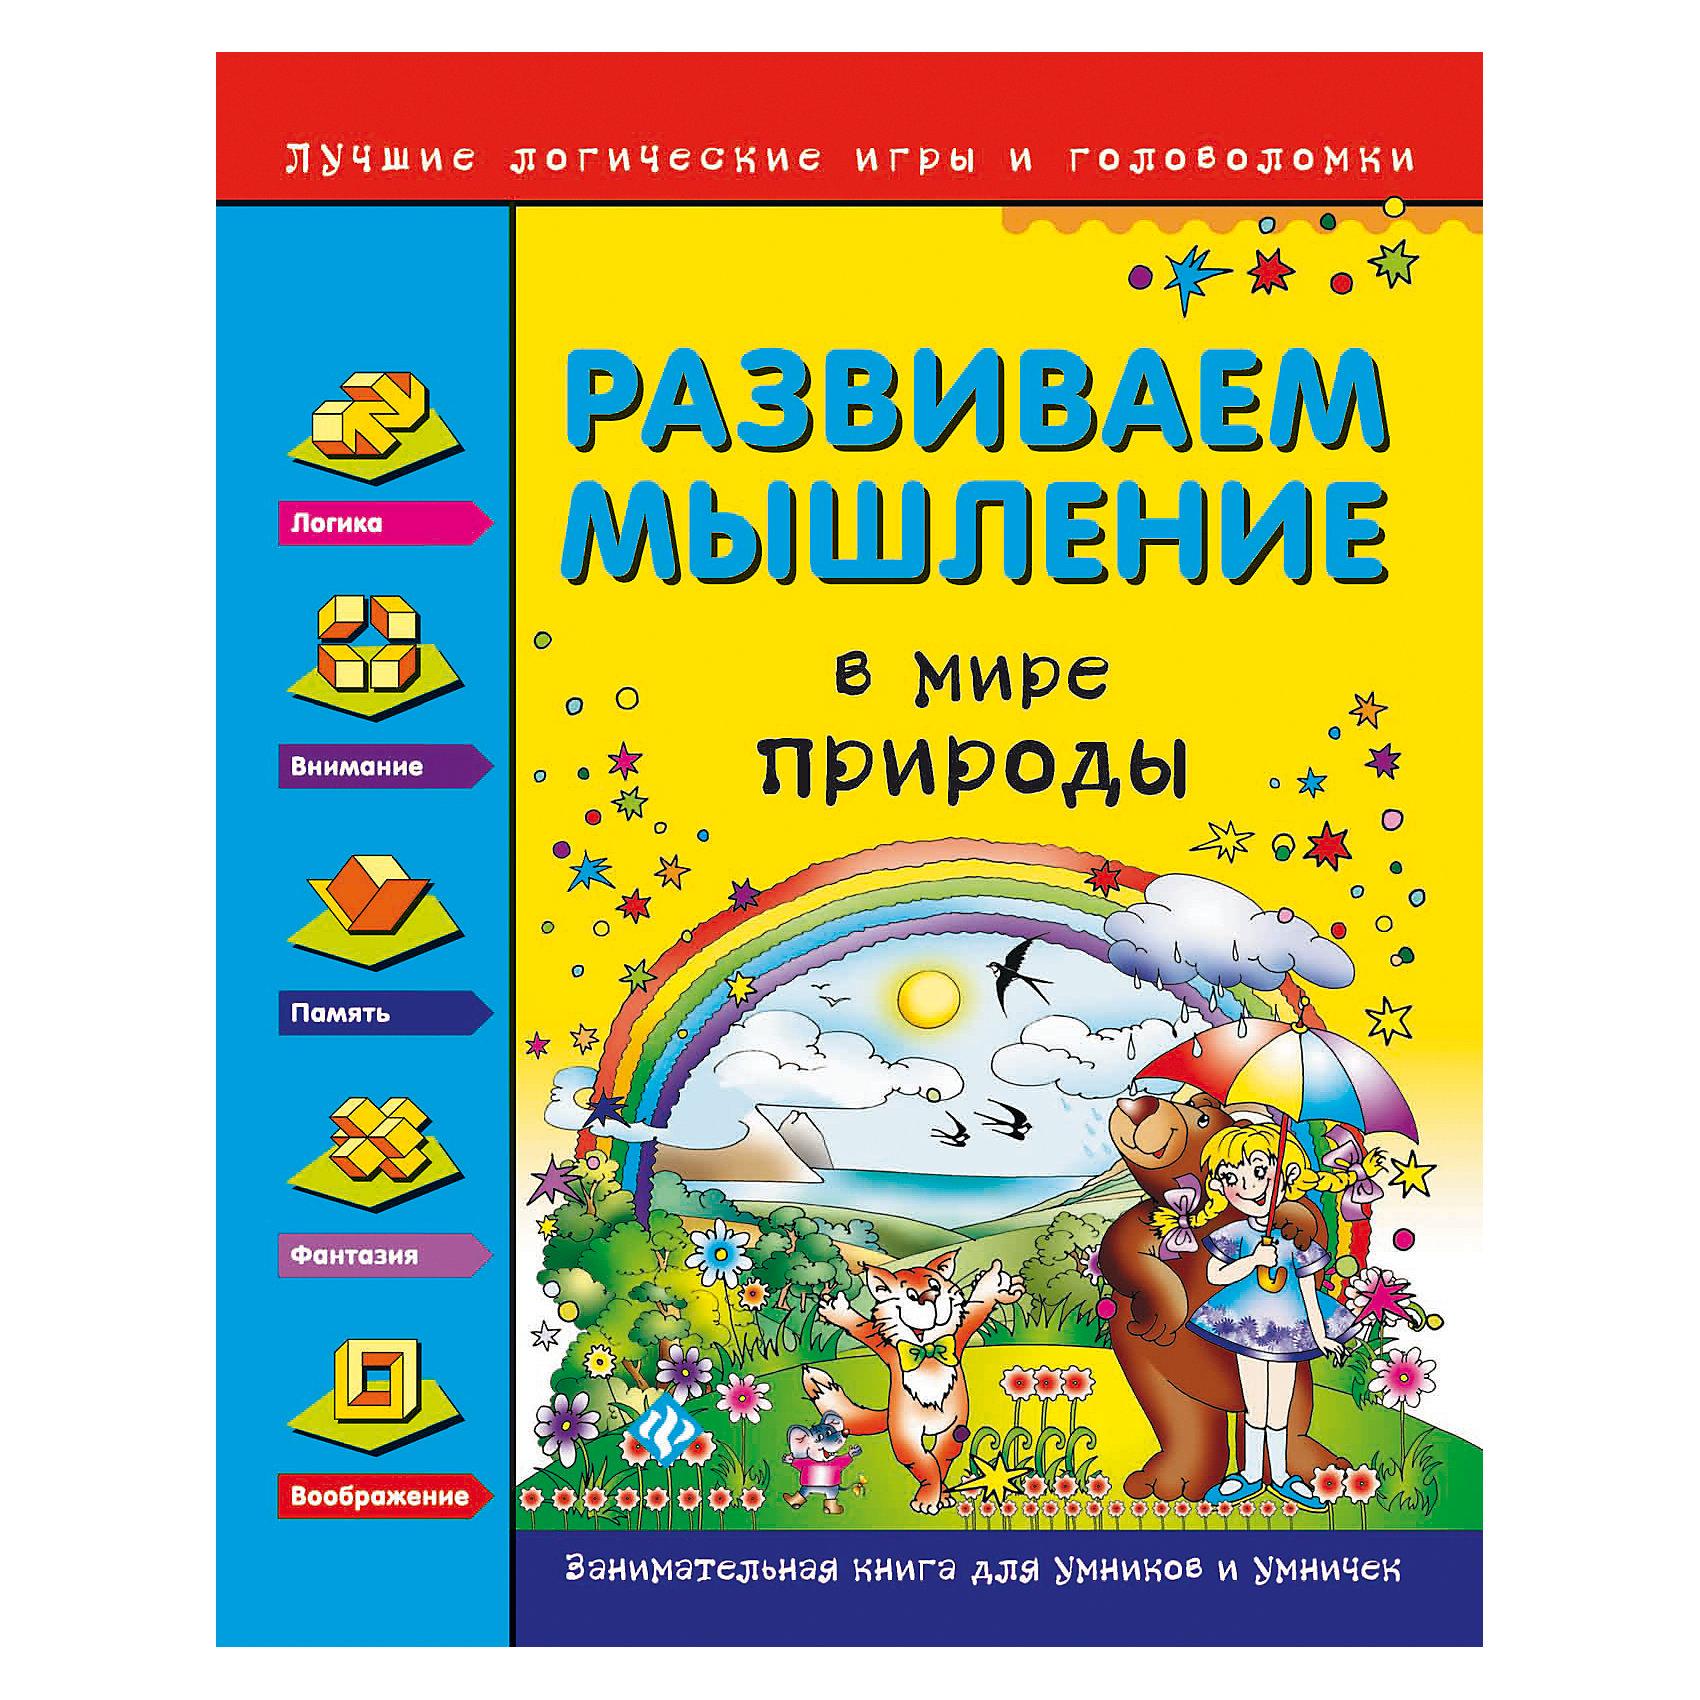 Развиваем мышление, В мире природыСборник развивающих заданий Развиваем мышление, В мире природы созданный ведущими специалистами, предлагает учащимся начальной школы задания, которые помогут развить нестандартное мышление и способность решать самые разнообразные задачи. Занимаясь по<br>книге, юный ученик будет совершенствовать навыки чтения и счёта, развивать речь и воображение, учиться рассуждать, понимать и решать нескучные задания. В книге использован один из основных принципов современной педагогики - обучение в процессе игры. Задачки и<br>головоломки на тему природы и окружающего мира - разноуровневые, выполнение заданий - добровольное. Для младшего школьного возраста.<br><br><br>Дополнительная информация:<br><br>- Автор: Н. И. Гордиенко, С. А. Гордиенко.<br>- Серия: Лучшие логические игры и головоломки.<br>- Обложка: мягкая.<br>- Иллюстрации: цветные.<br>- Объем: 64 стр.<br>- Размер: 26 x 0,5 x 20,6 см.<br>- Вес: 168 гр.<br><br>Книгу Развиваем мышление, В мире природы, Феникс-Премьер, можно купить в нашем интернет-магазине.<br><br>Ширина мм: 260<br>Глубина мм: 205<br>Высота мм: 3<br>Вес г: 1344<br>Возраст от месяцев: 24<br>Возраст до месяцев: 72<br>Пол: Унисекс<br>Возраст: Детский<br>SKU: 4771406